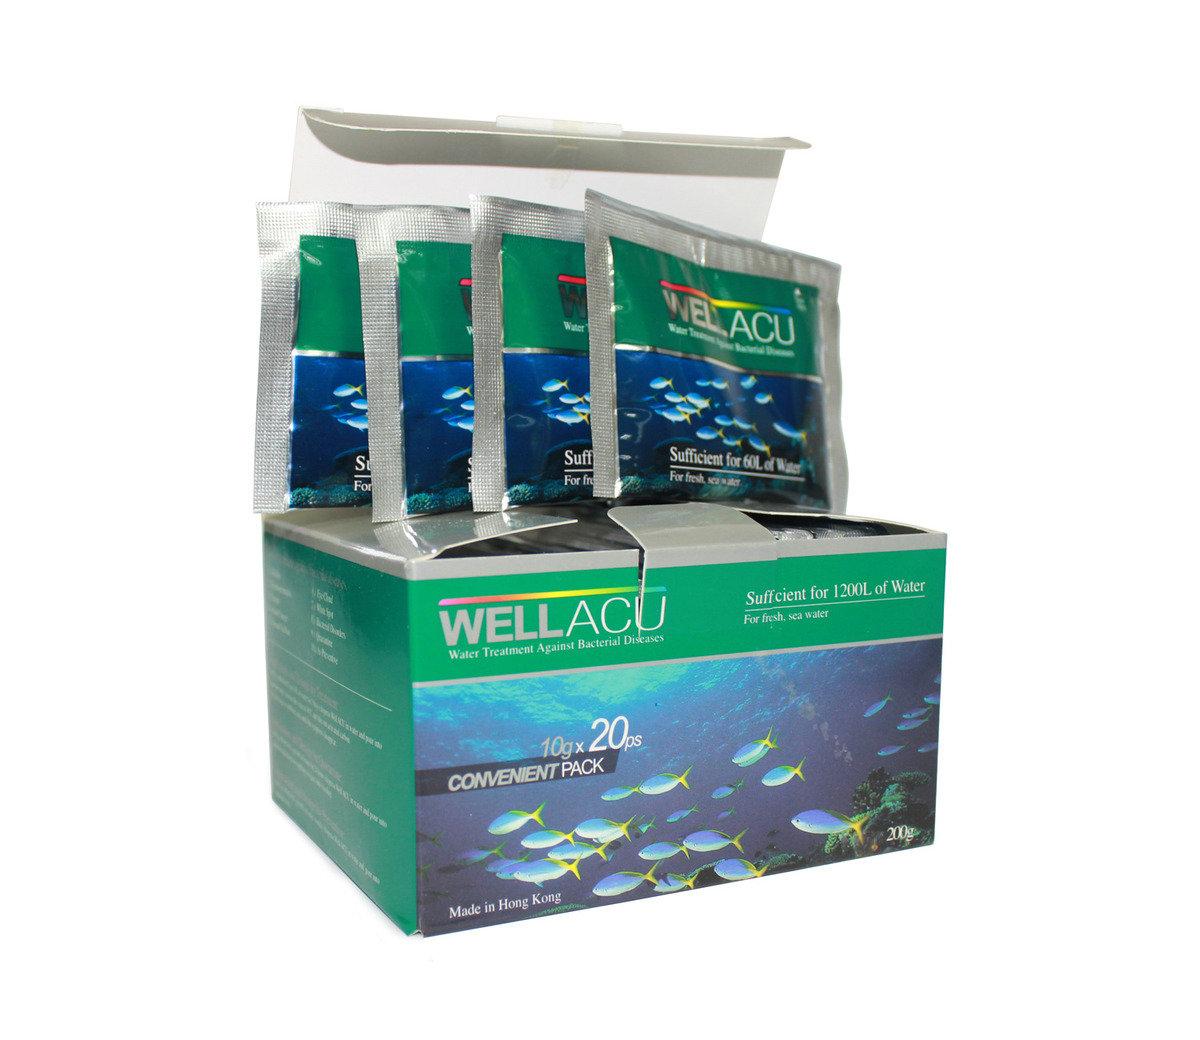 細菌性魚病用藥劑 200g (10g*20小包)